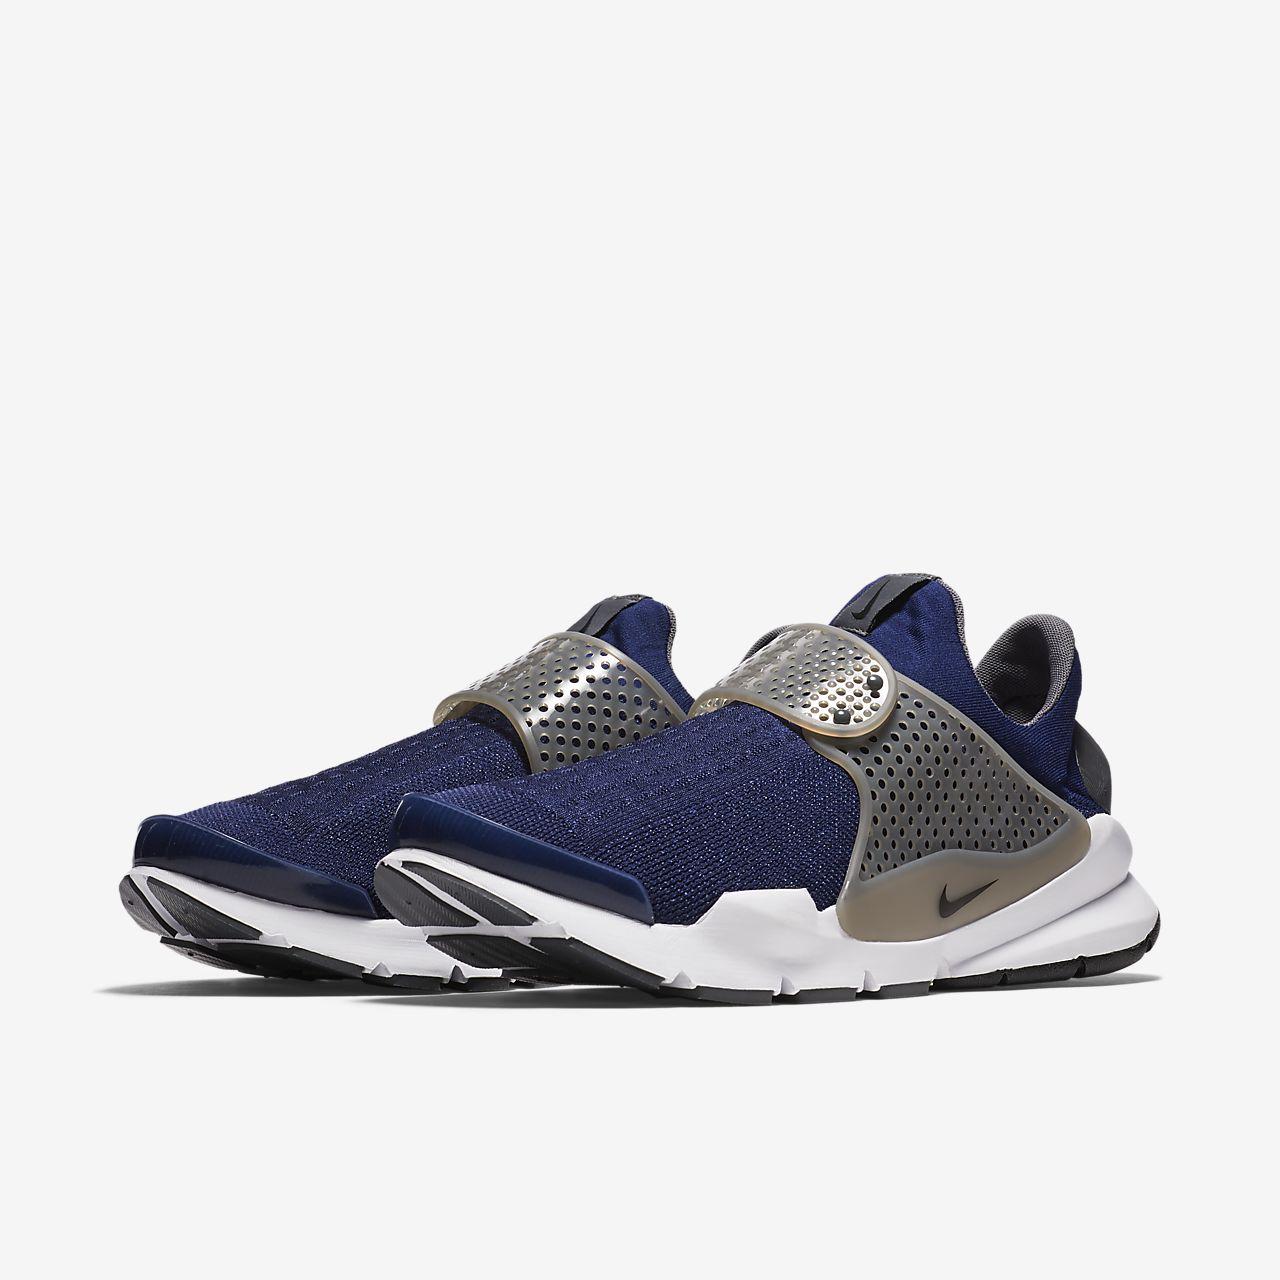 Chaussures Nike Chaussettes profiter à vendre jeu meilleur endroit l47qJ47